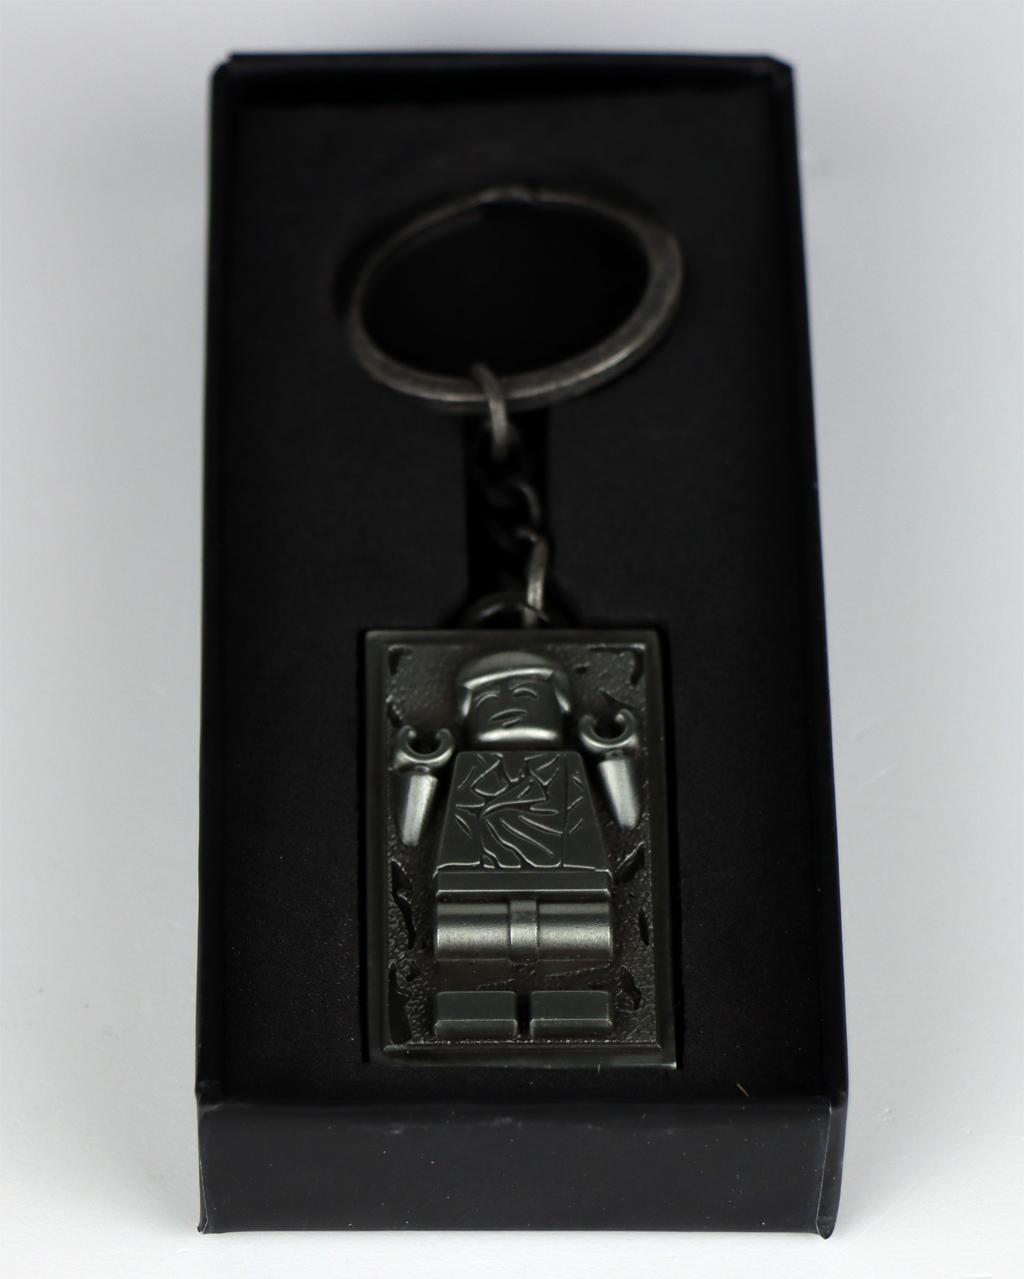 lego-star-wars-5006363-metal-han-solo-keychain-schluesselanhaenger-cabonite-box-offen-2020-zusammengebaut-andres-lehmann